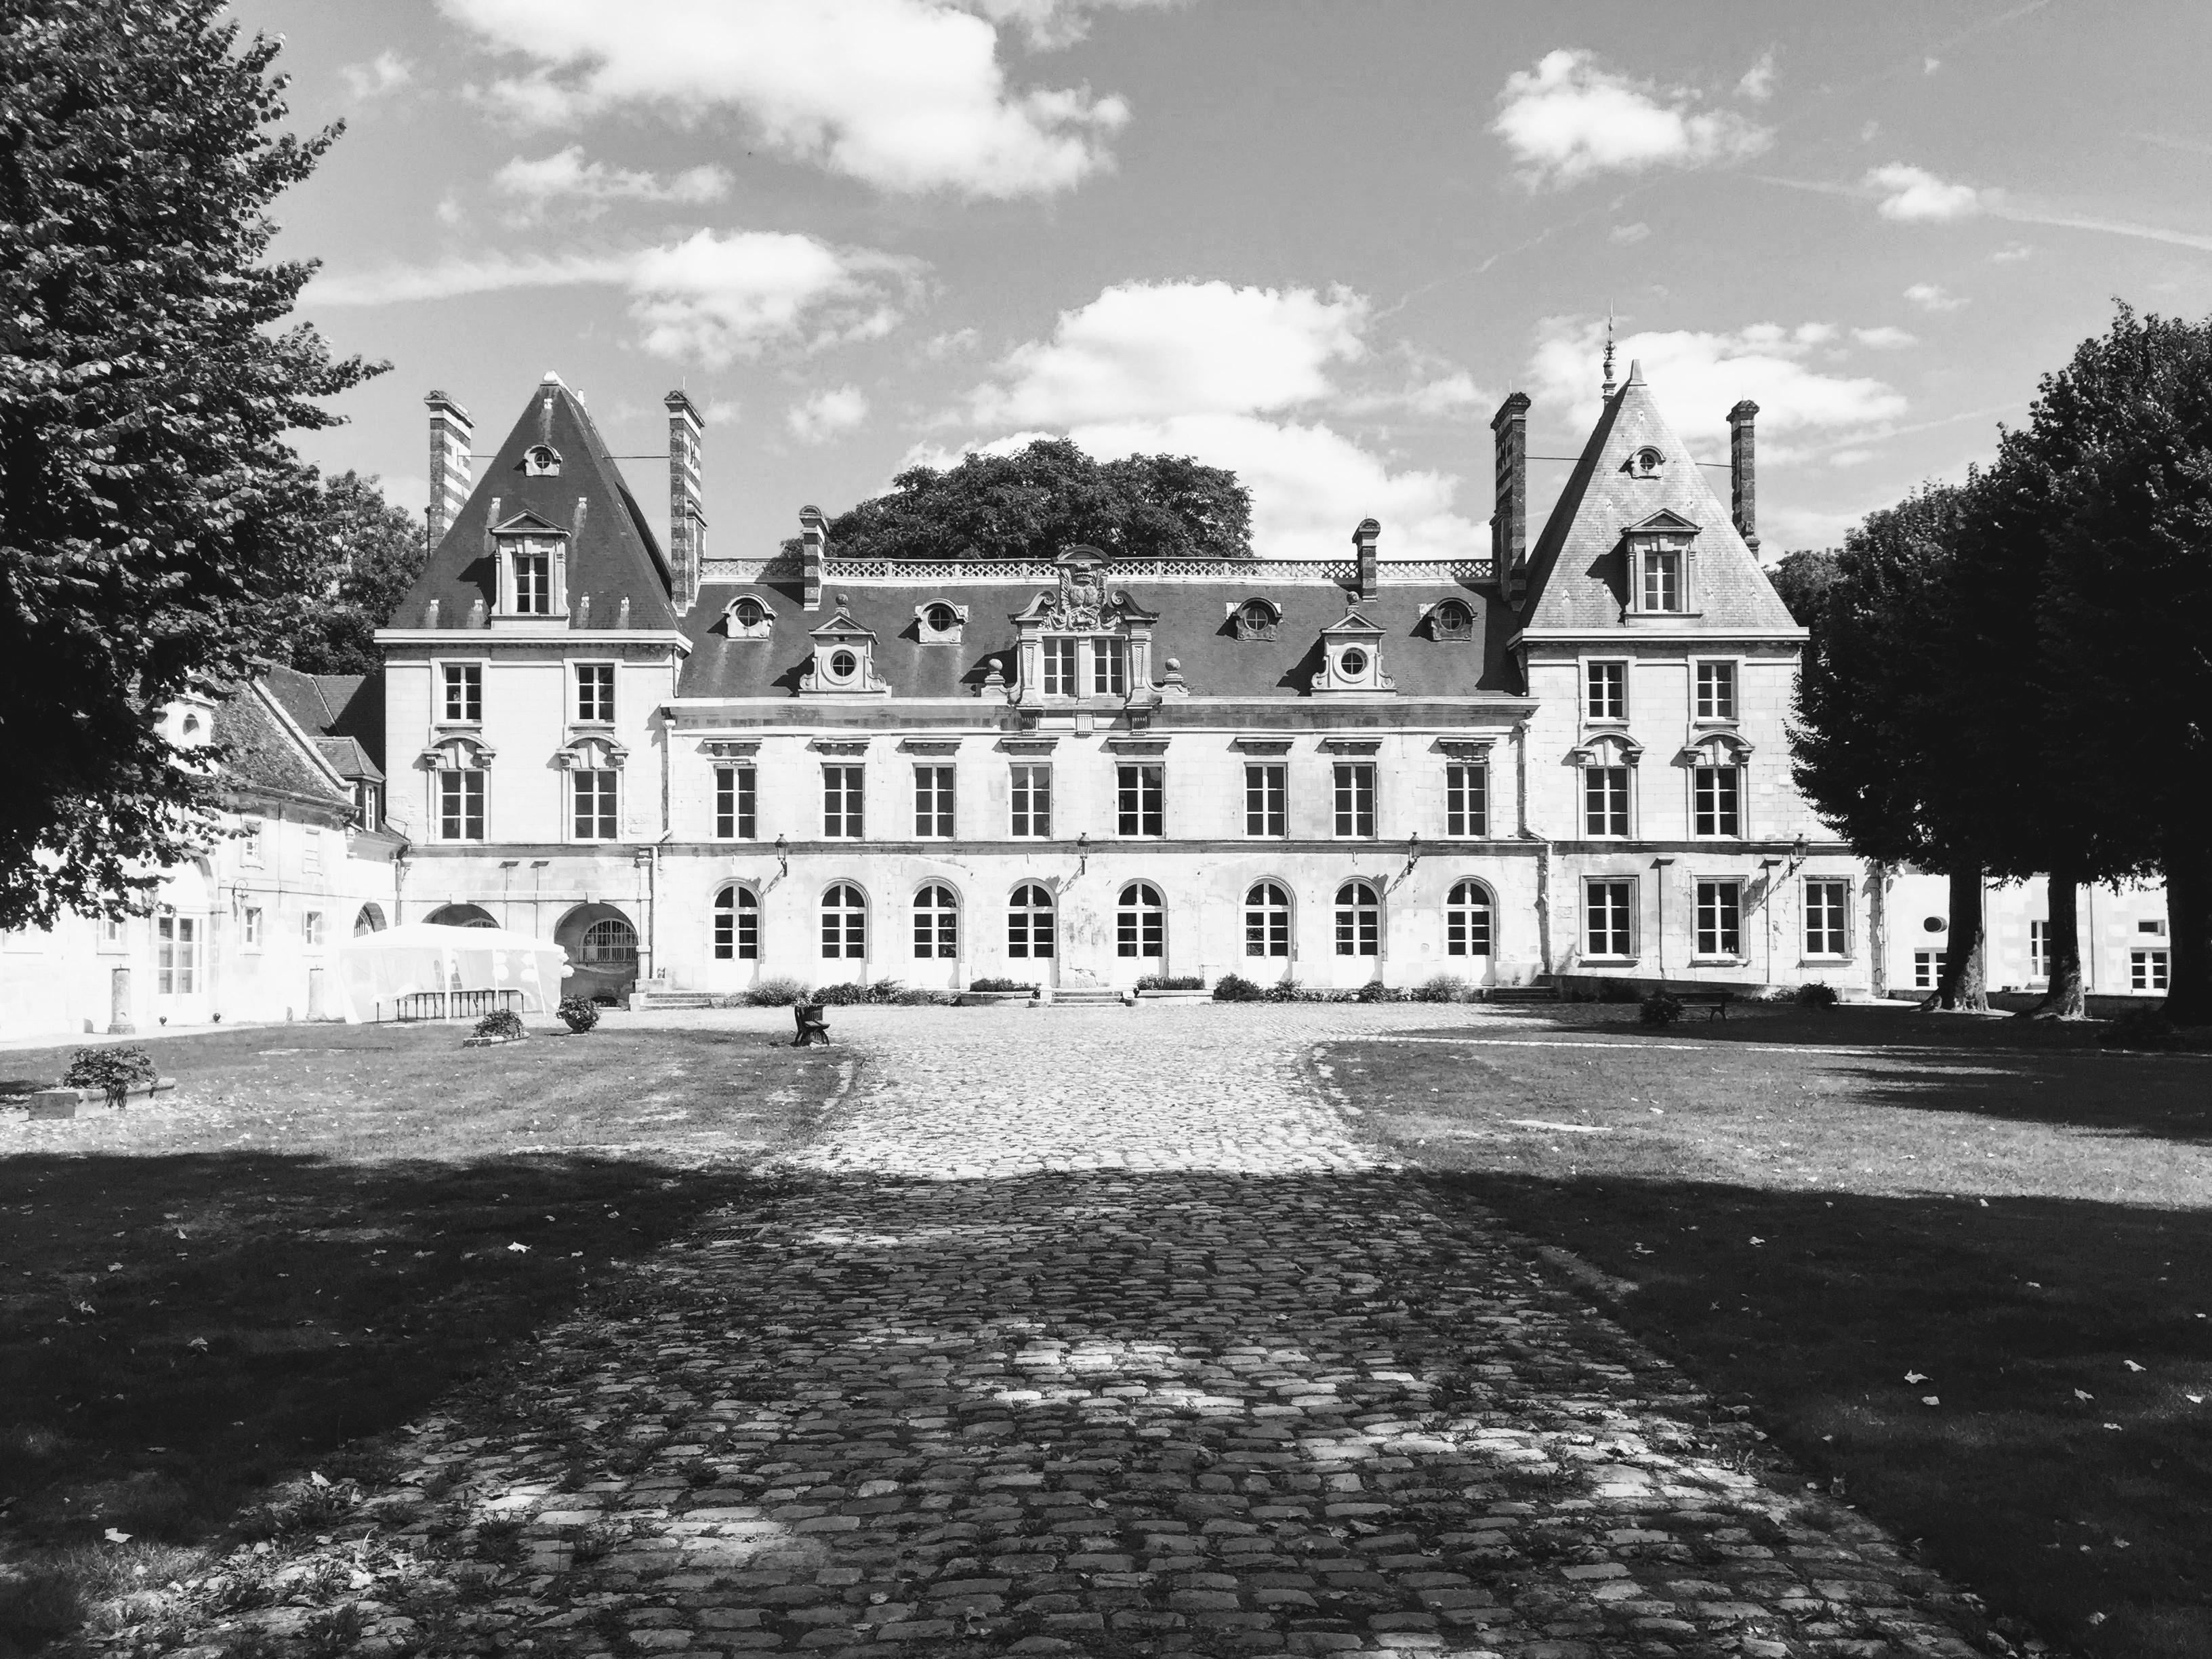 marige sonozikloc chateau d aramont